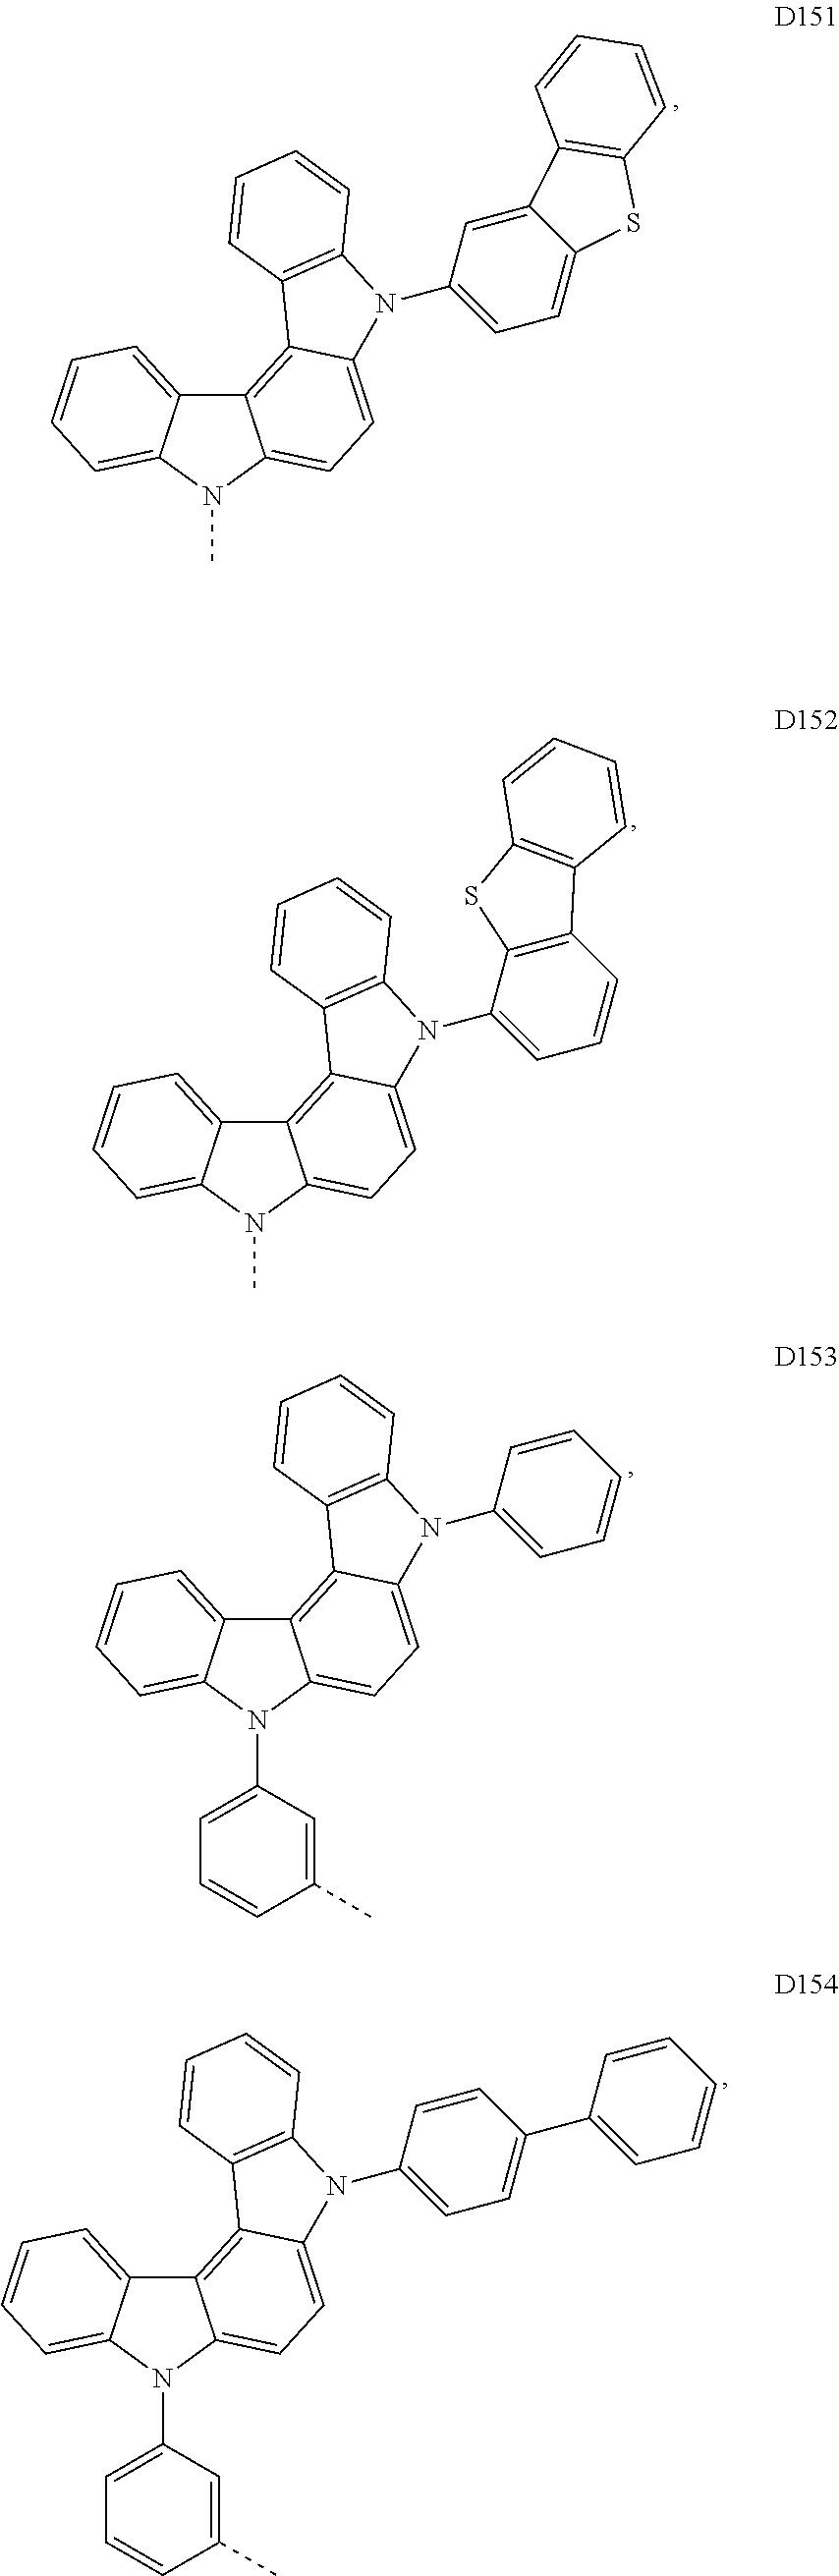 Figure US20170033295A1-20170202-C00064